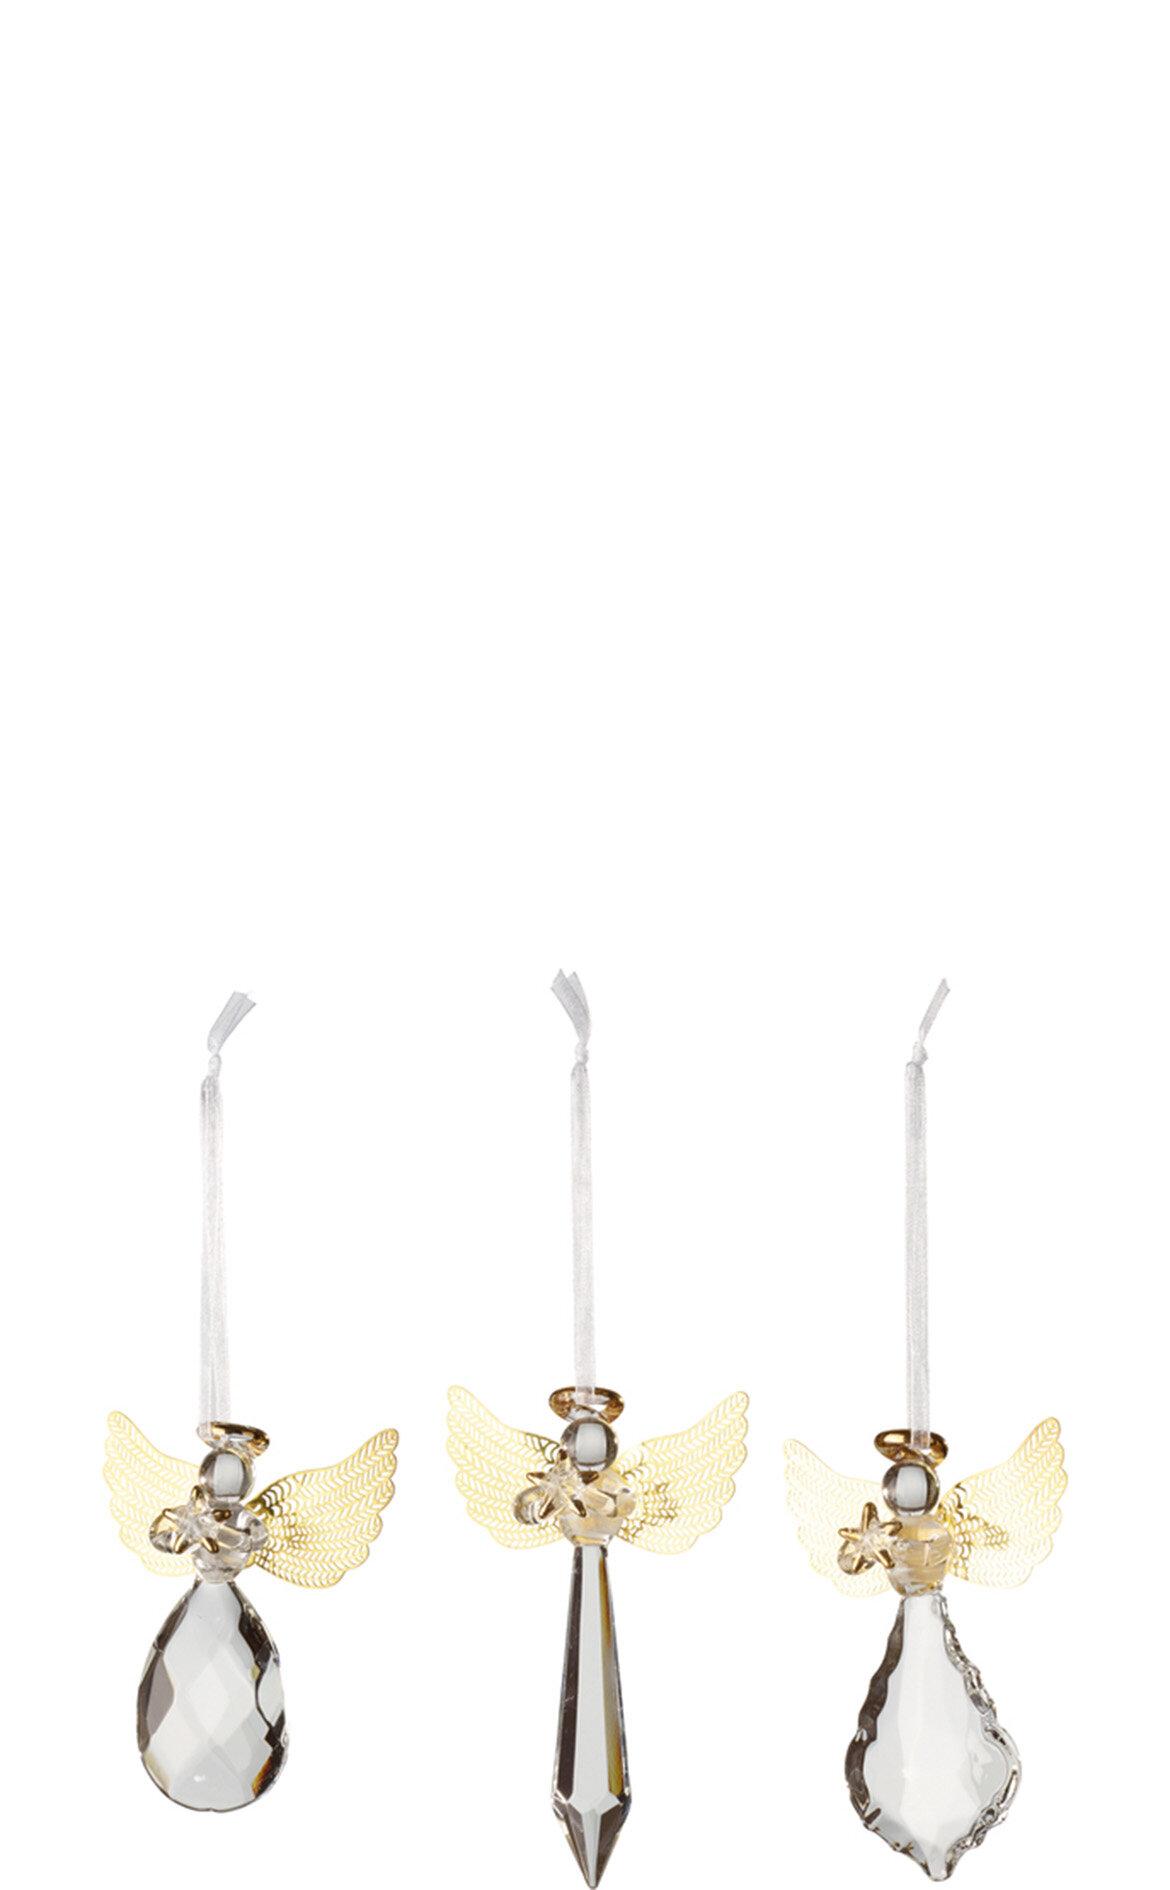 Villeroy & Boch-Villeroy & Boch Toy's Delight Royal Classic Yılbaşı Süsü